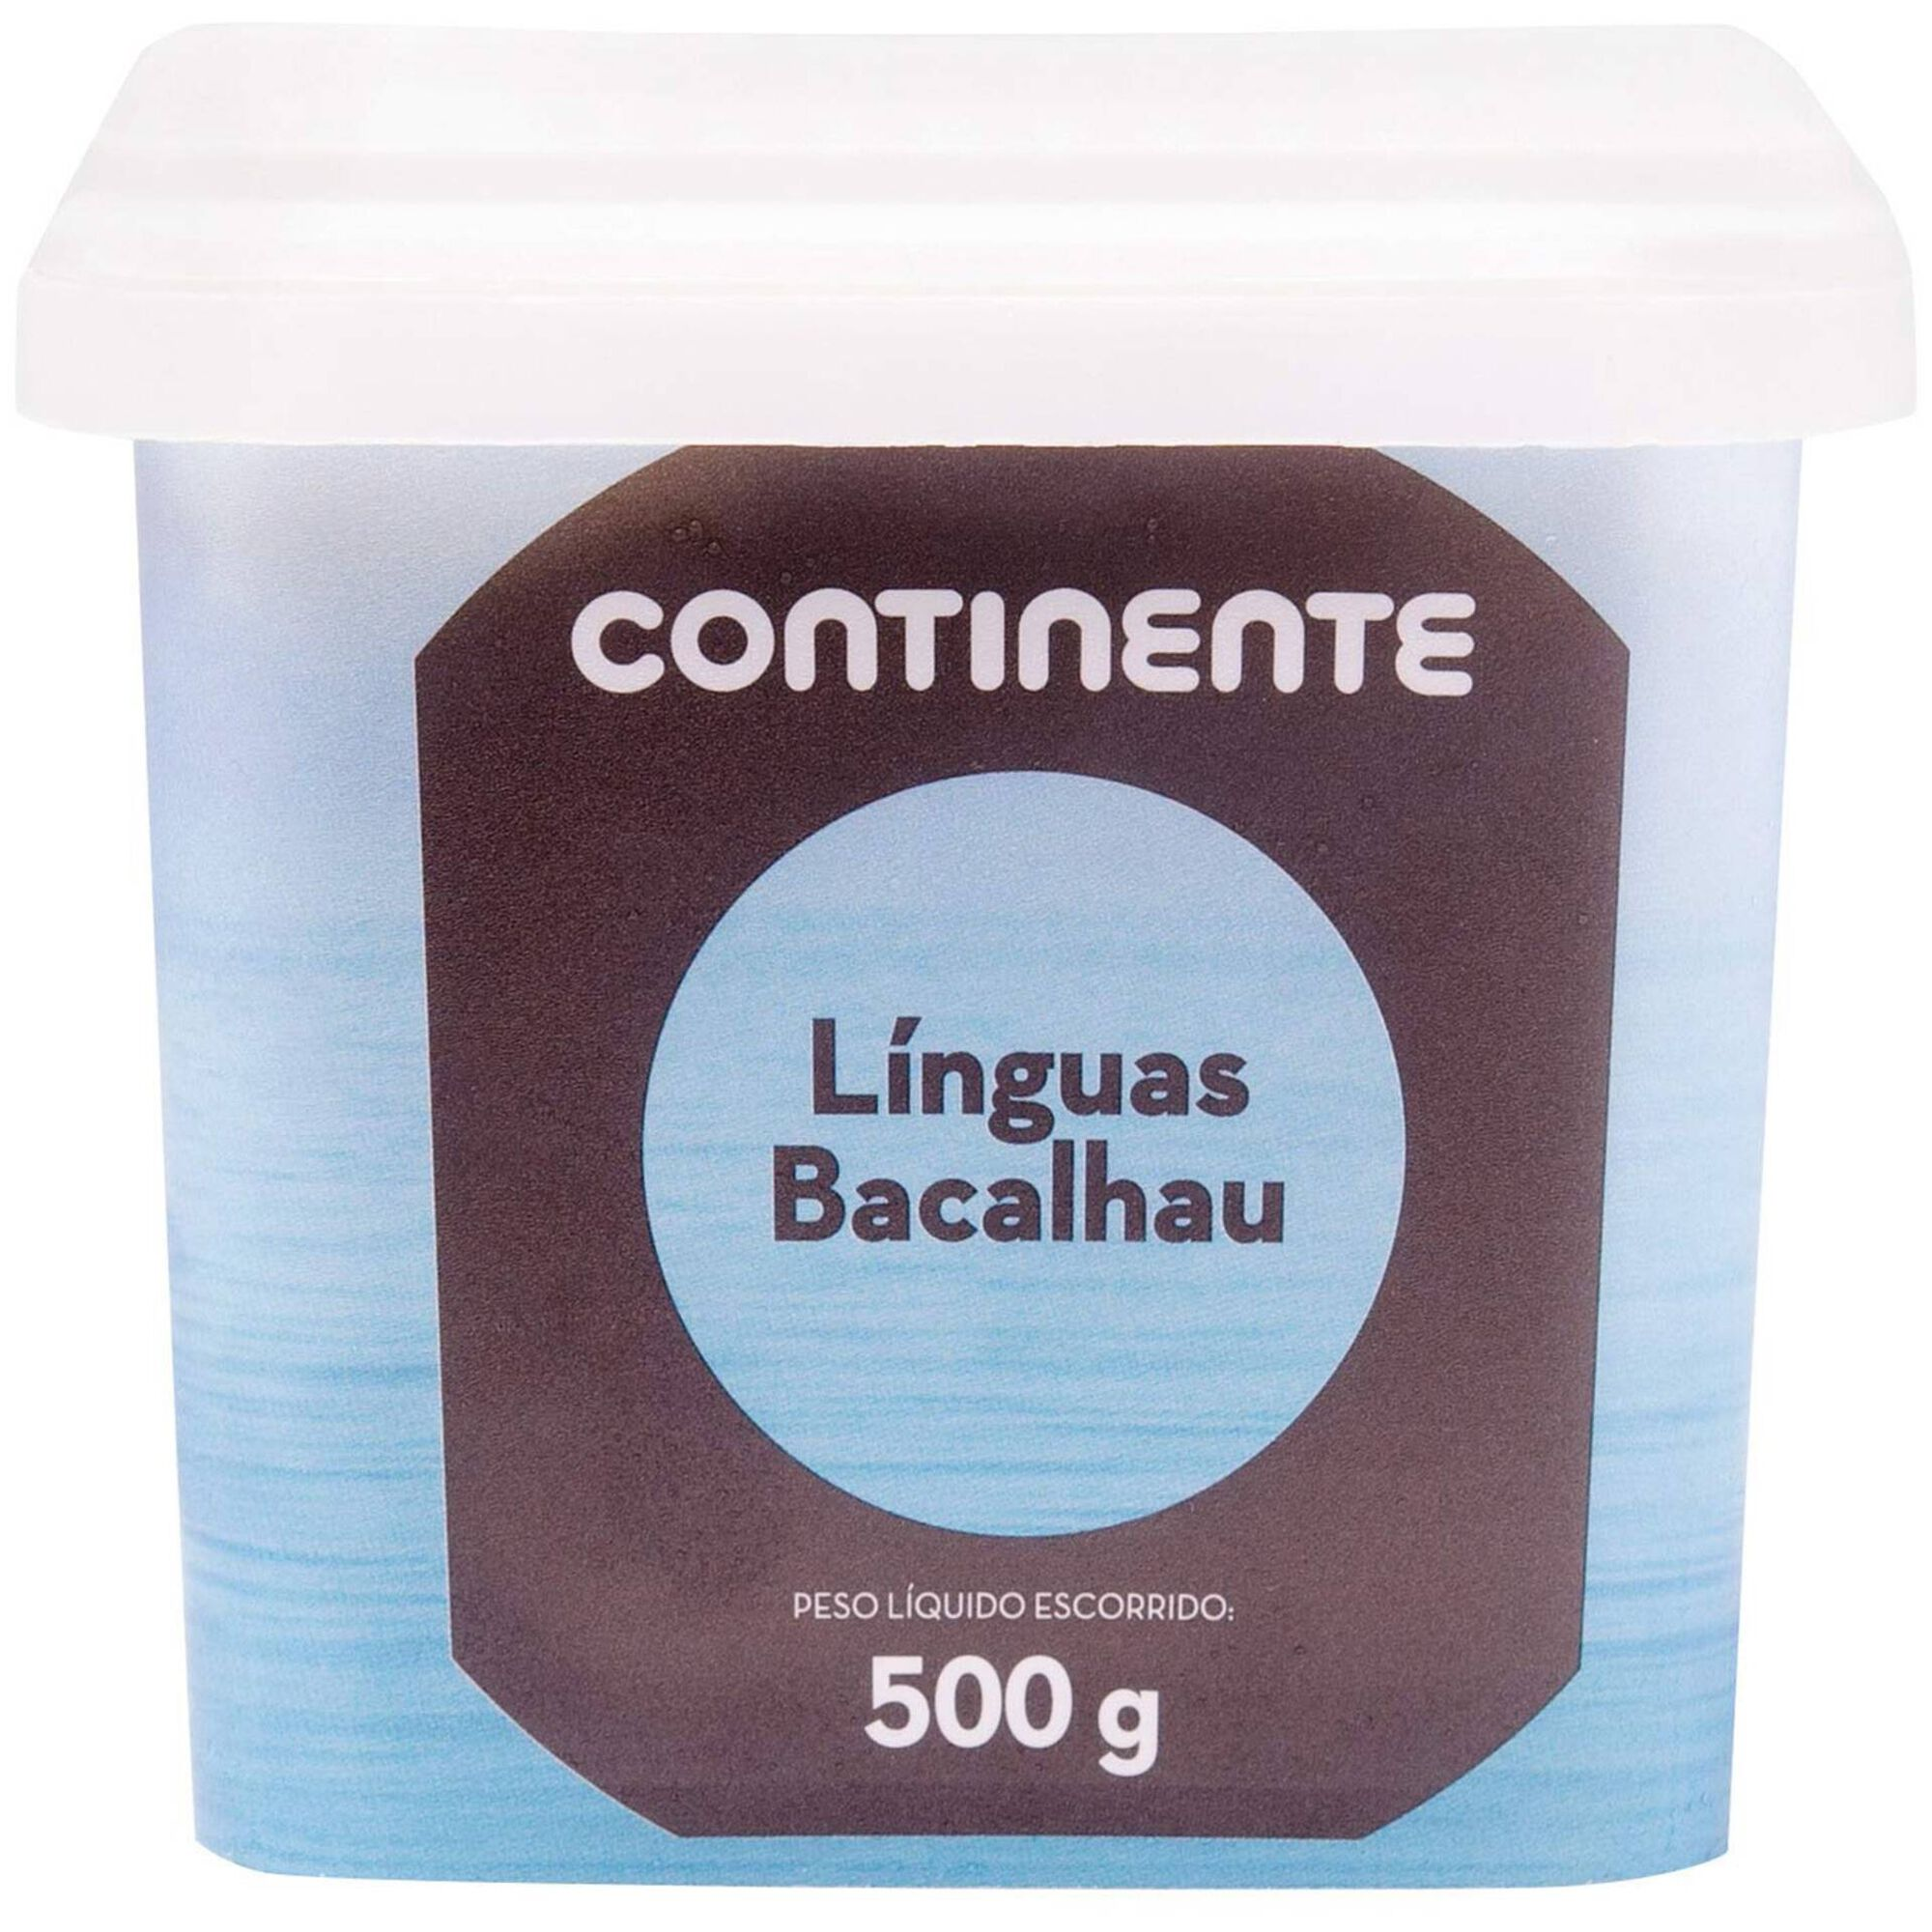 Linguas de Bacalhau